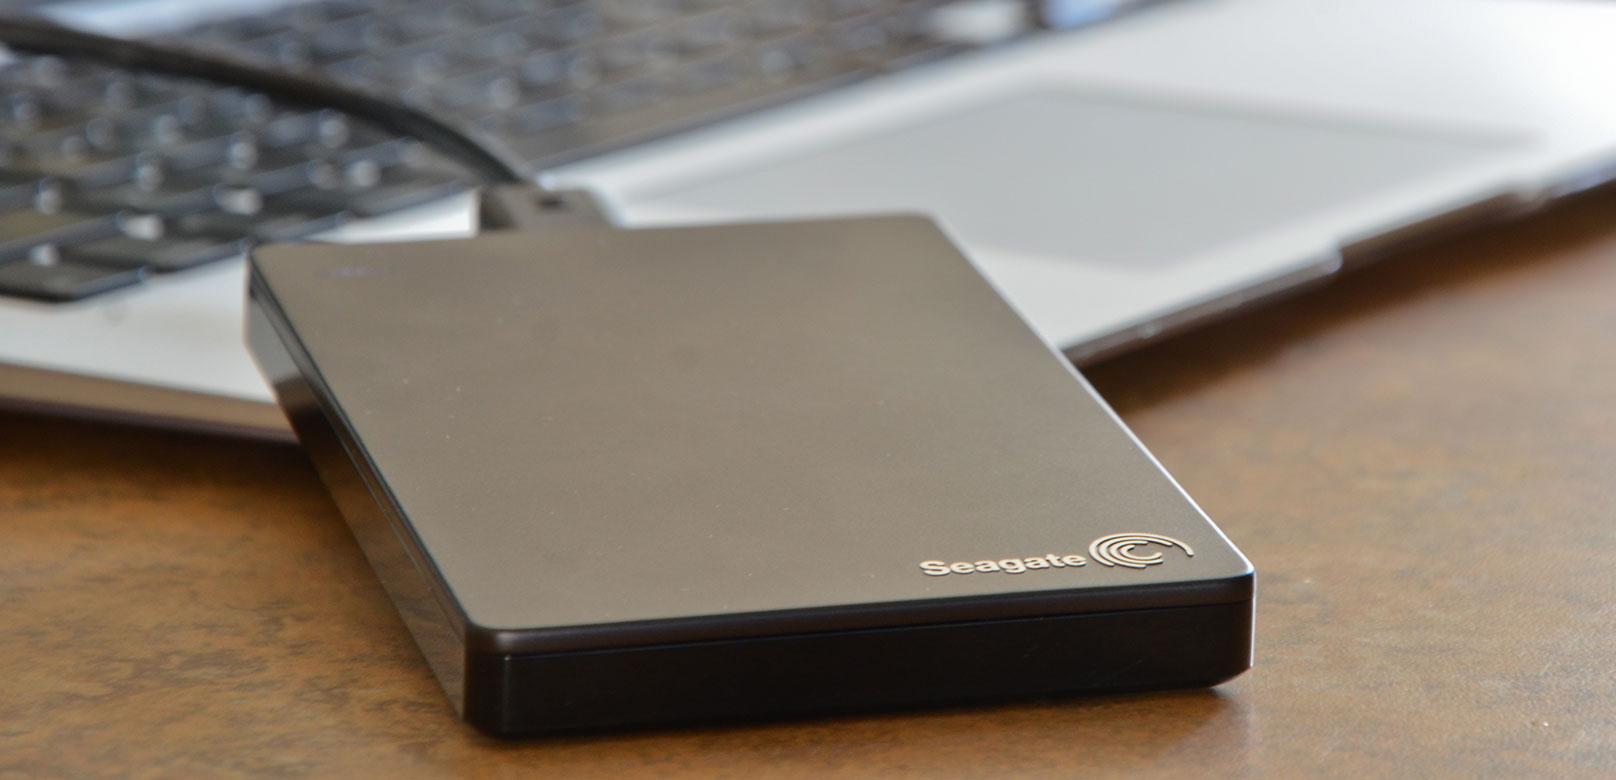 Почему компьютер не видит внешний жесткий диск: причины и решение проблемы